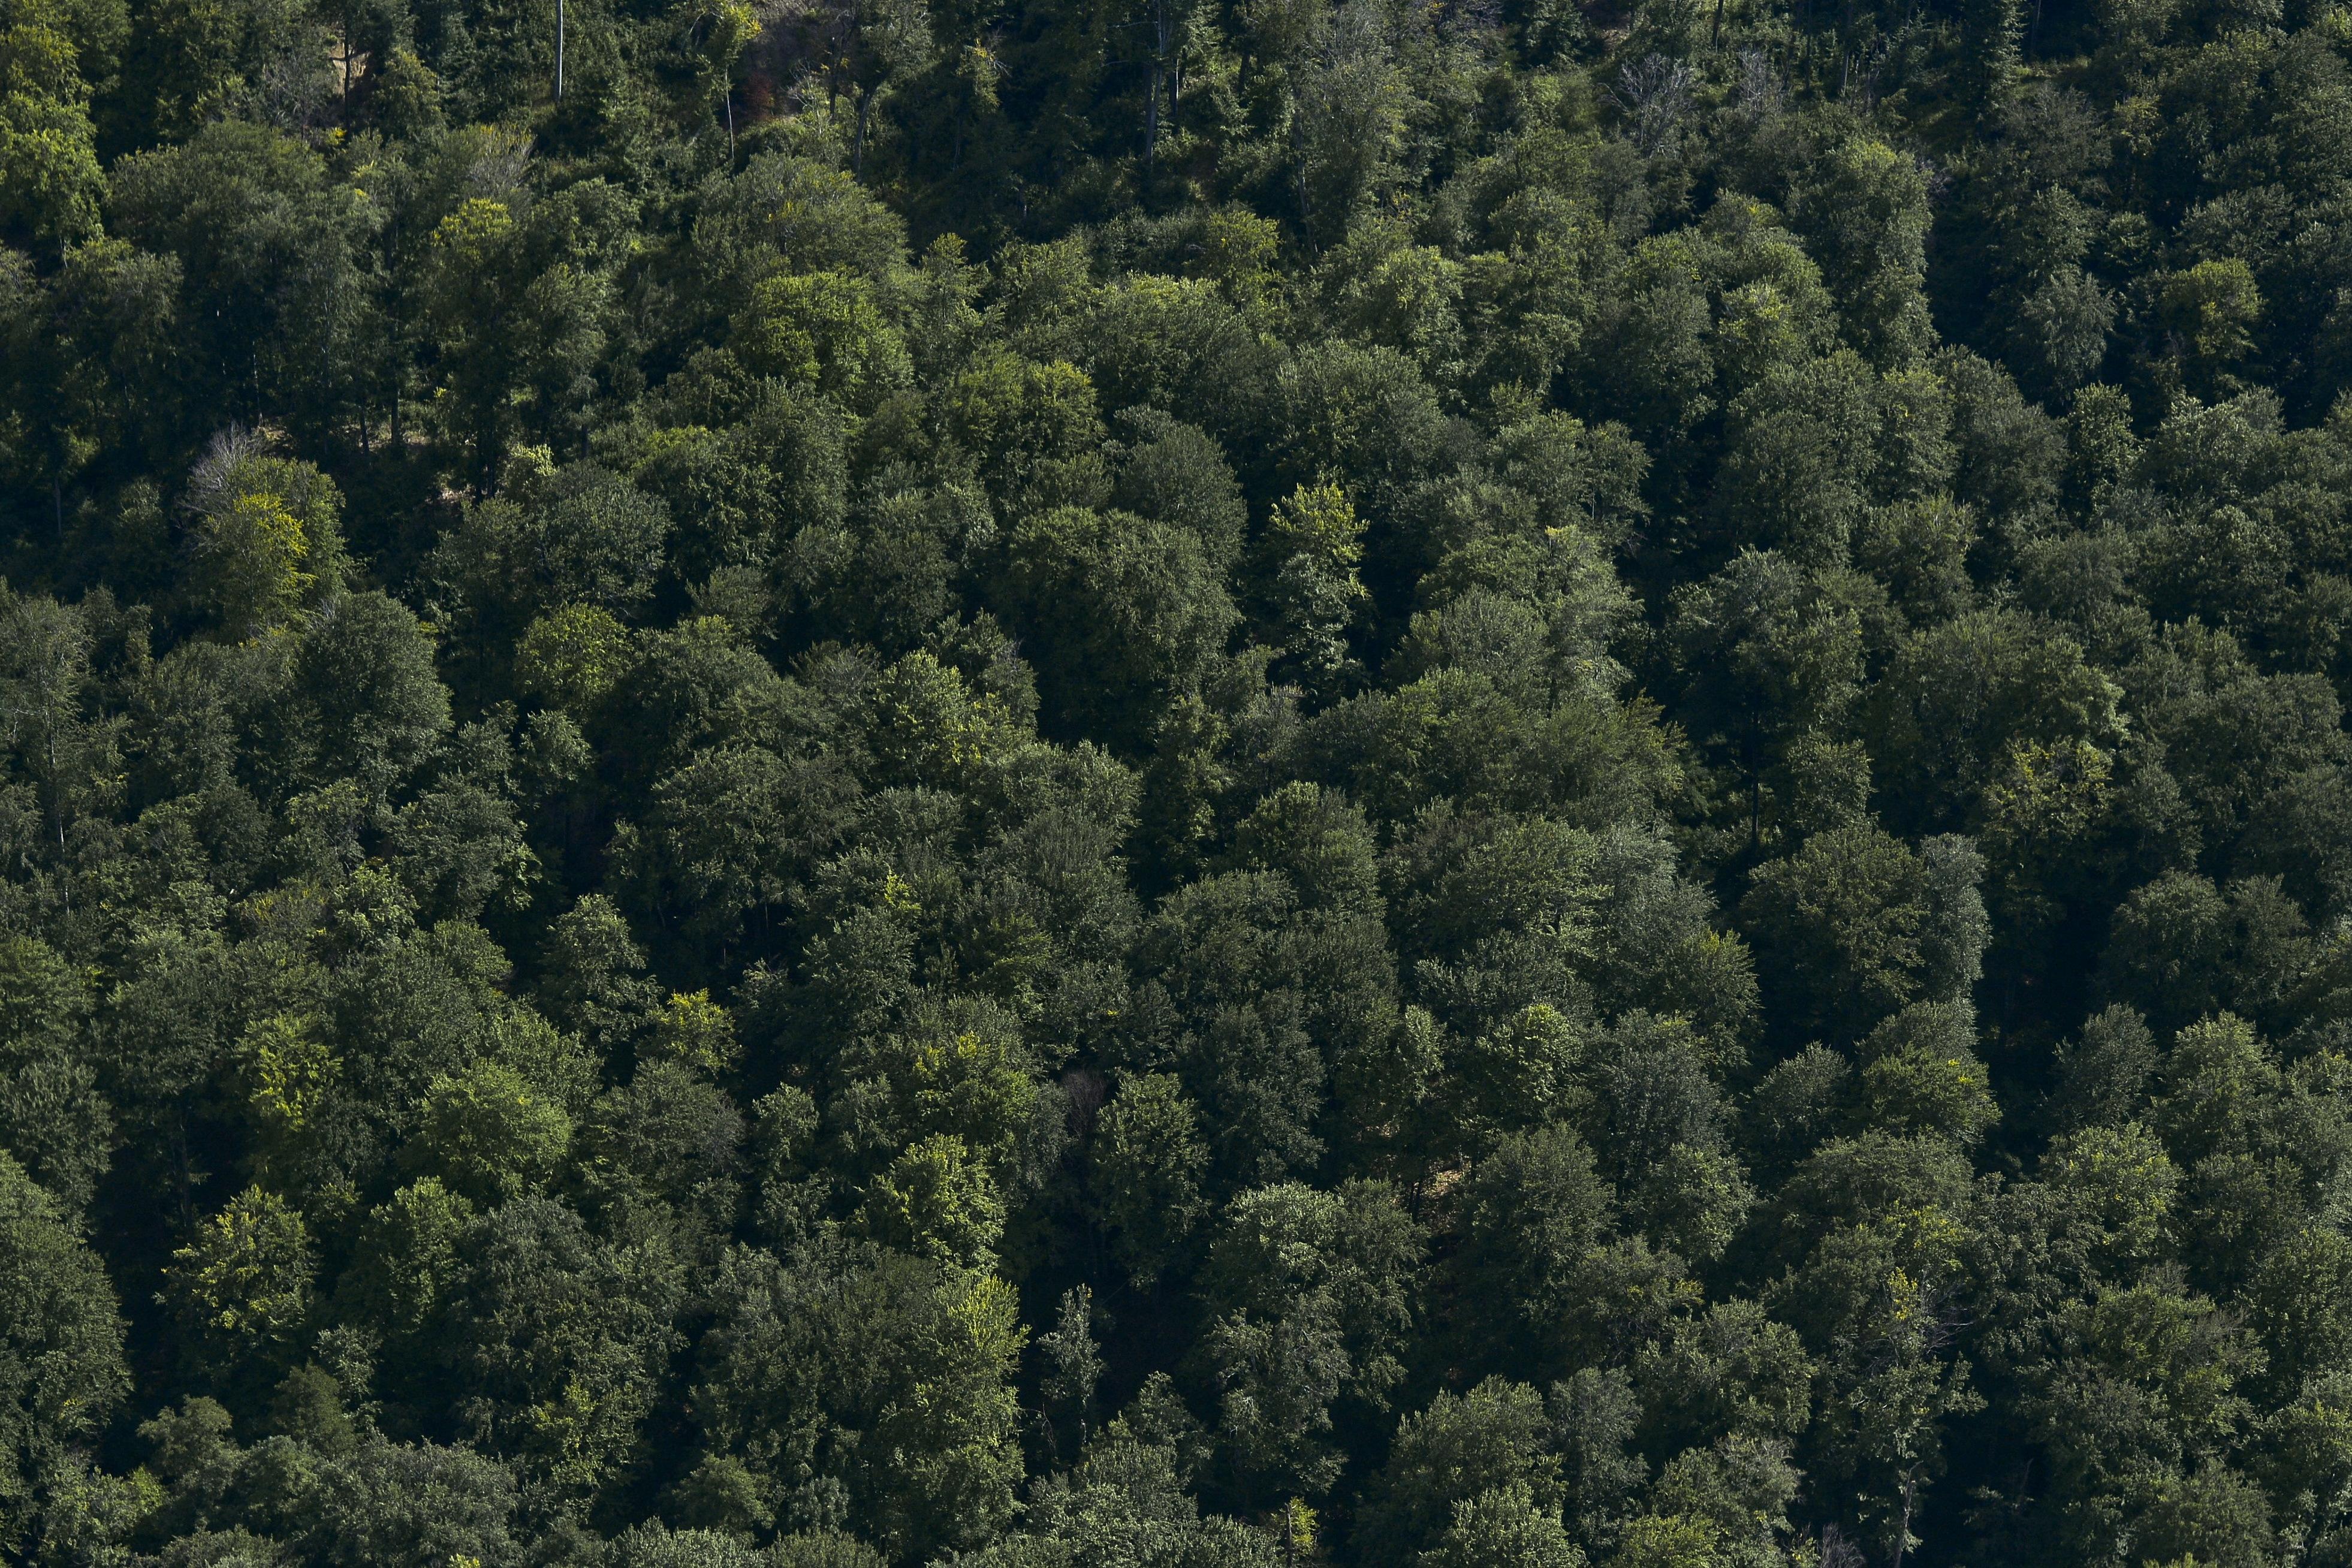 Harta pădurilor virgine din România: 300.000 de hectare,13.000 de specii şi cea mai mare populaţie de urşi din Europa / Topul pe judeţe / Semnalul de alarmă, tras de Greenpeace